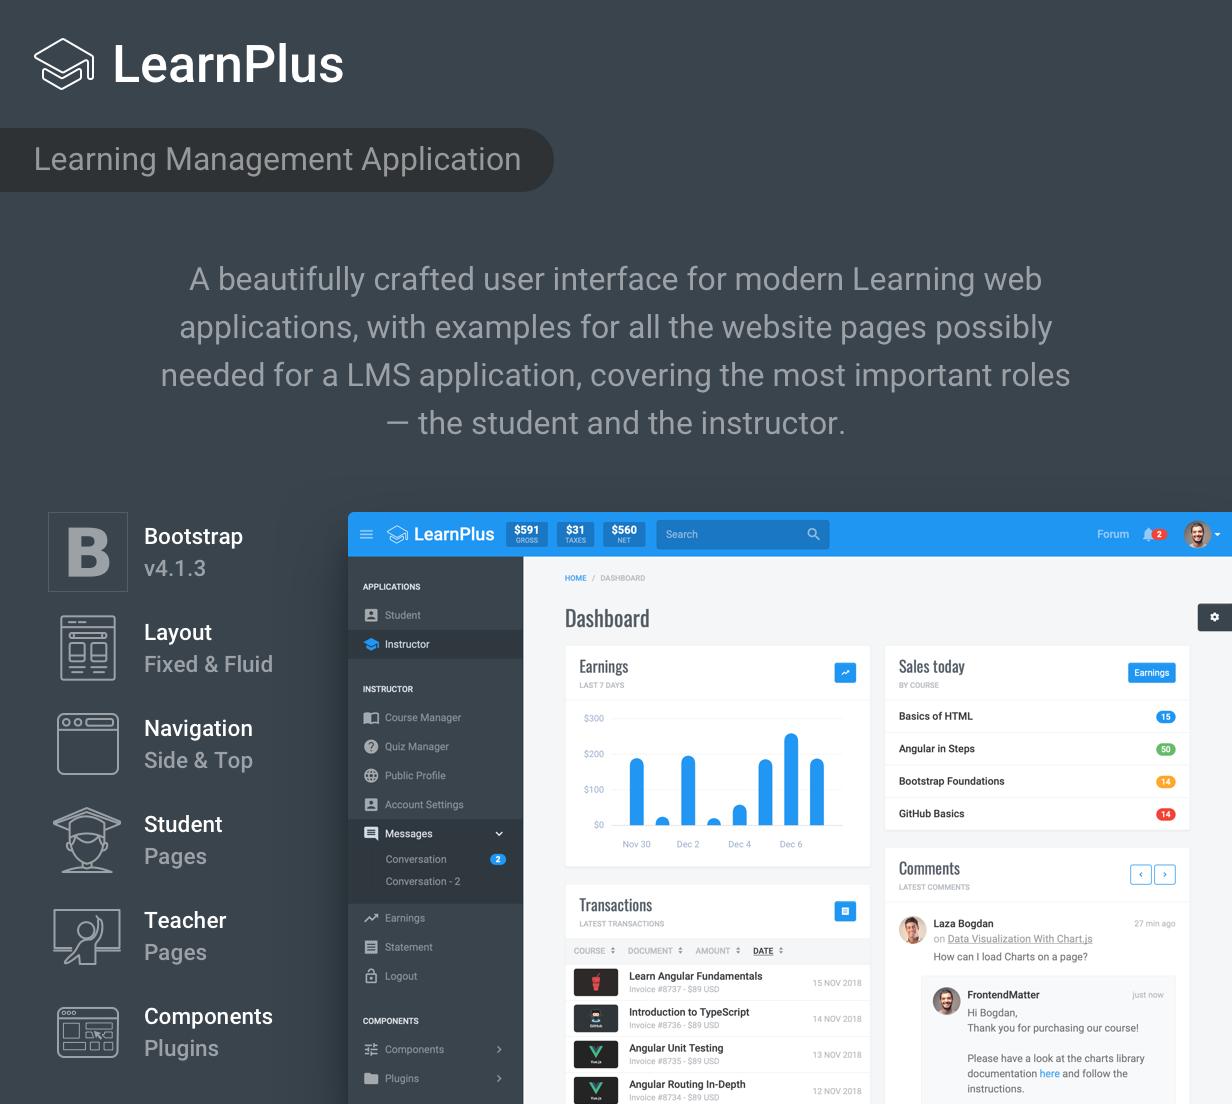 LearnPlus引导程序-学习应用程序管理